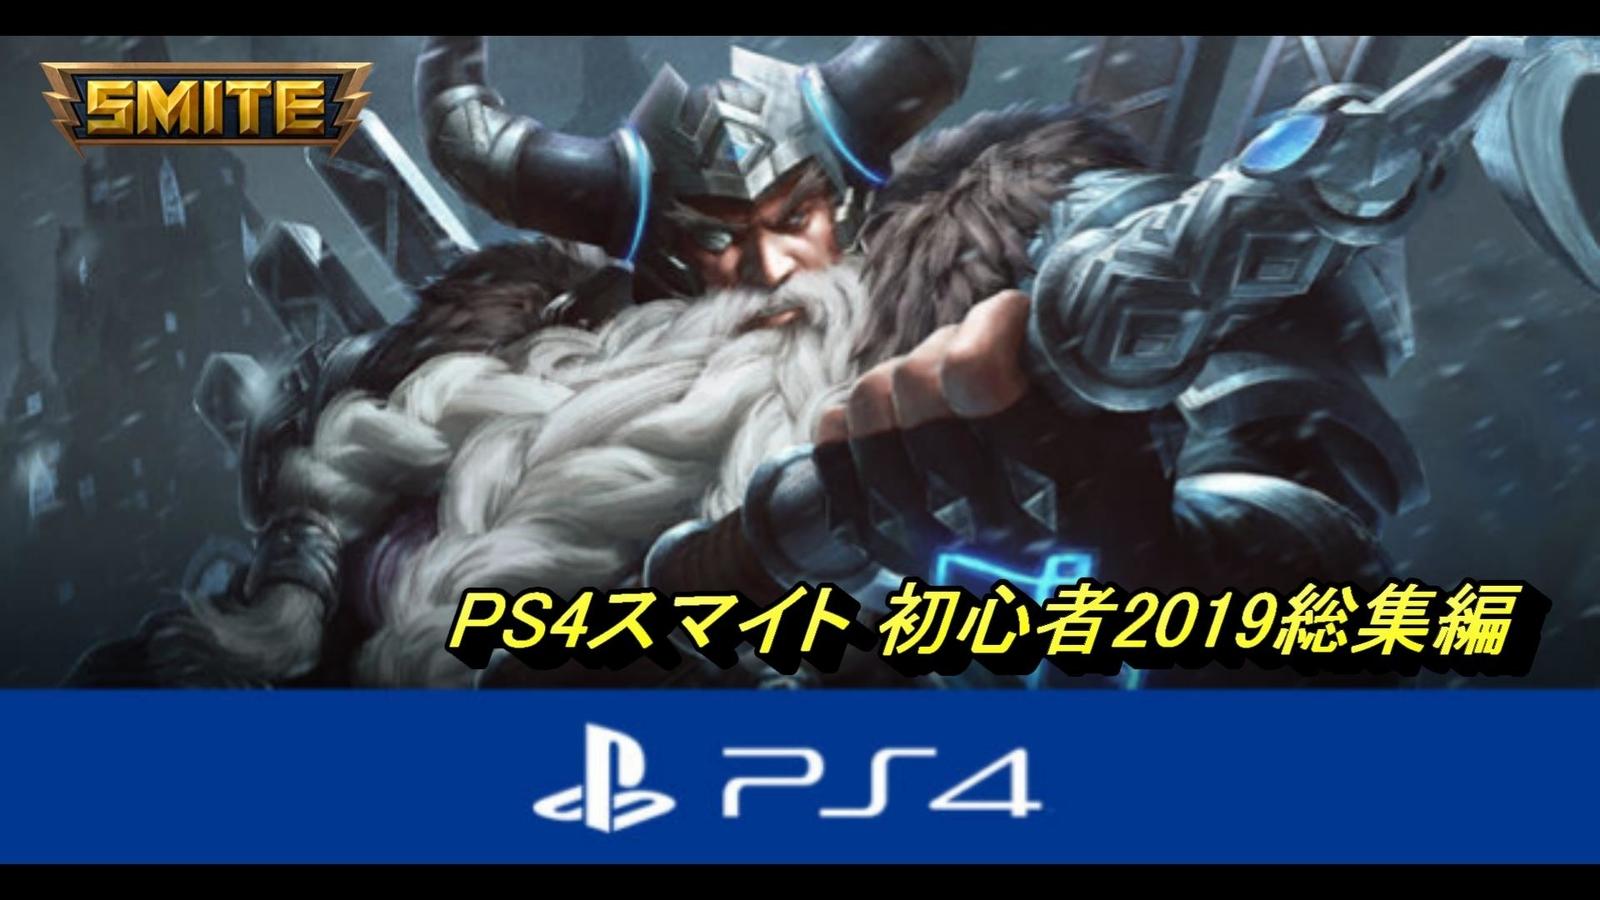 PS4スマイト